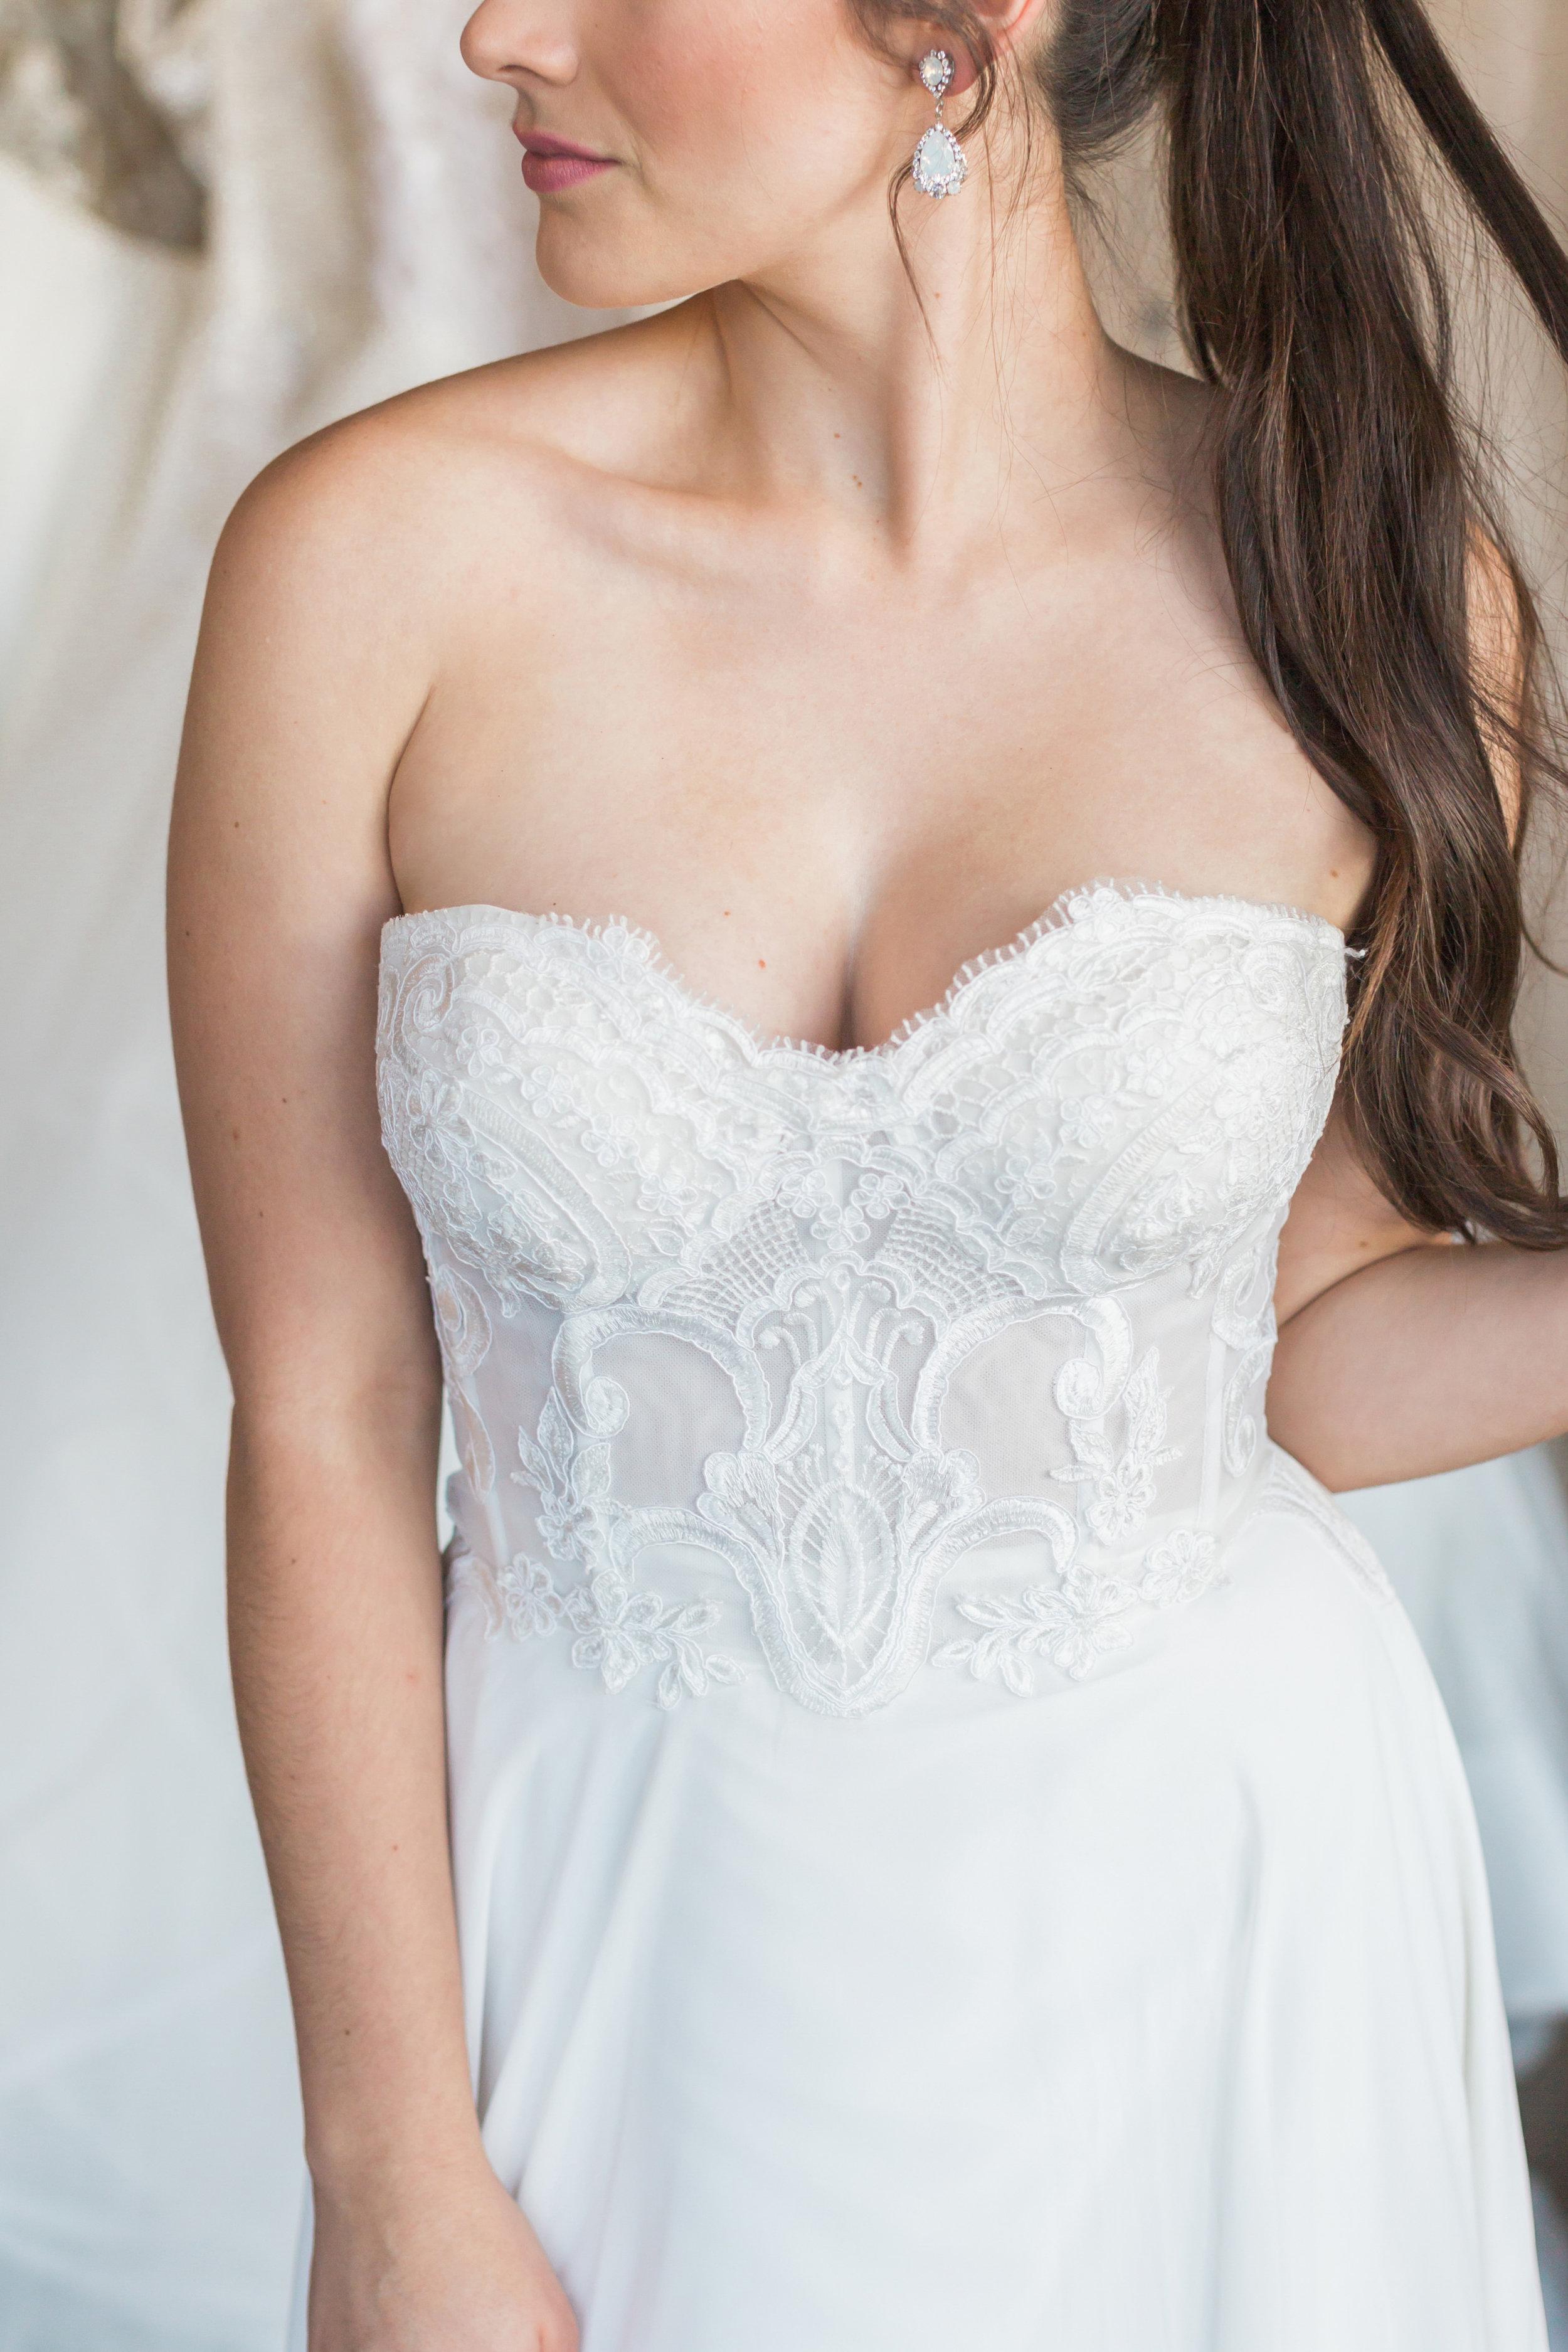 haute-bride-bridal-shop-12.jpg